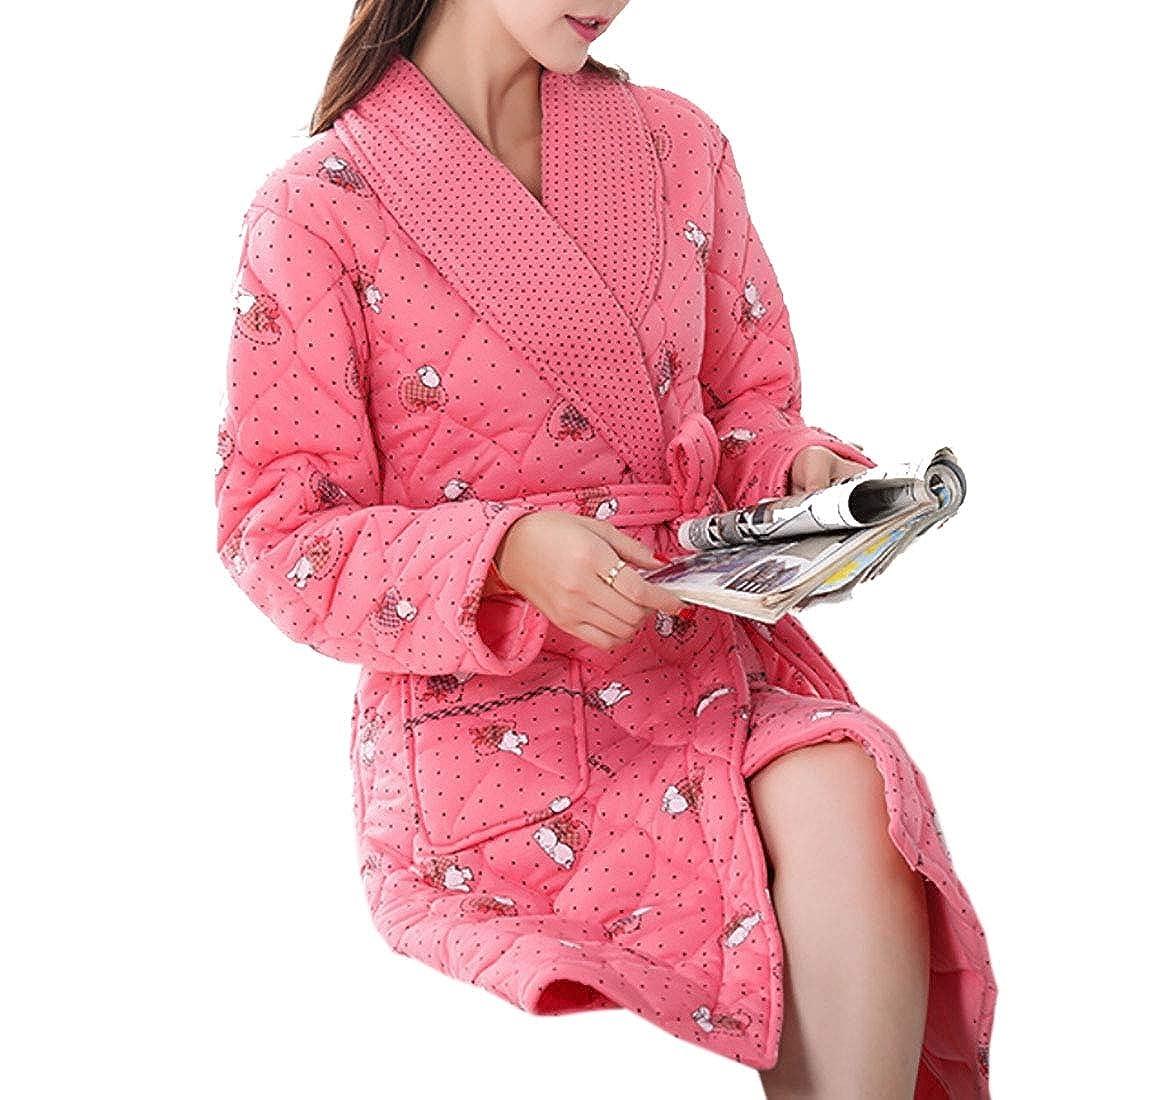 2 Keaac Women Cute Cotton Flannel Fleece Long Sleeve Cozy Bath Robe Sleepwear